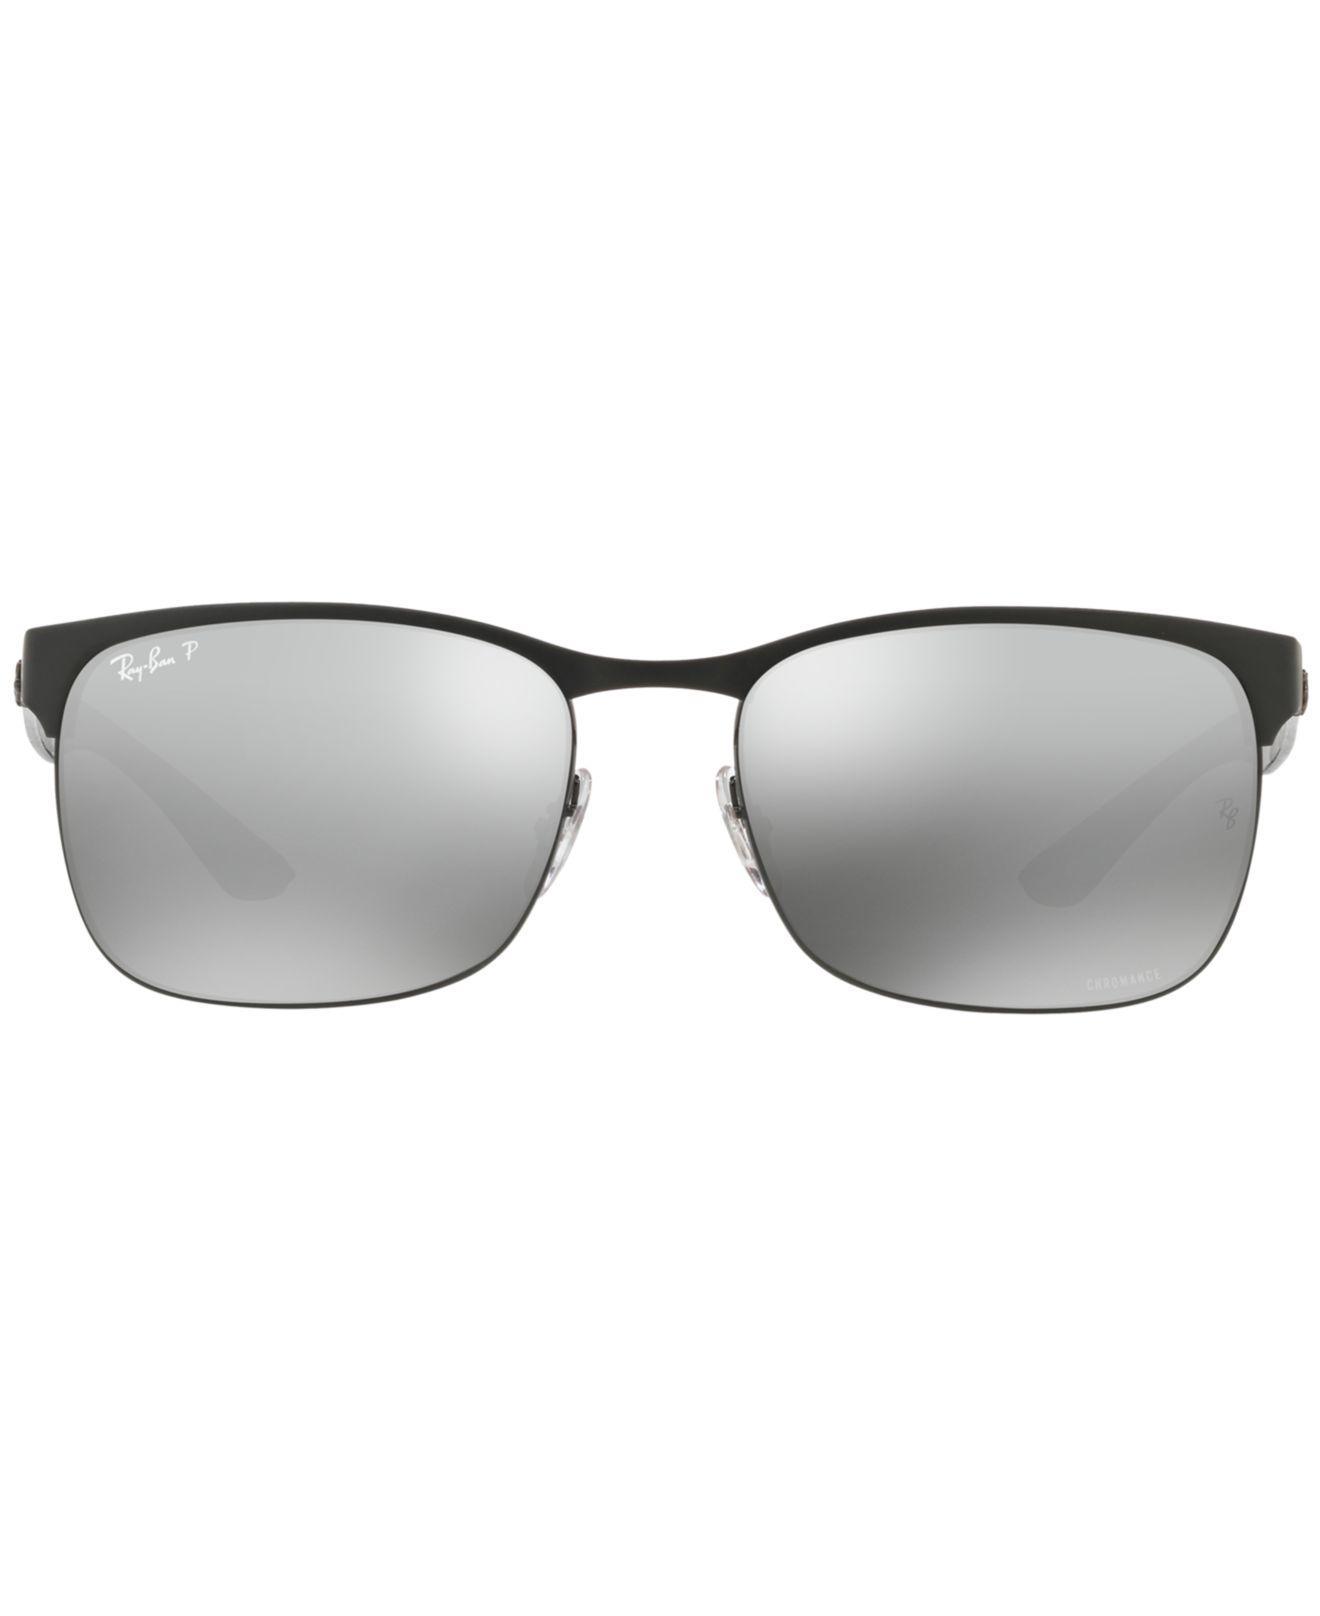 daf835a0252 Lyst - Ray-Ban Polarized Sunglasses